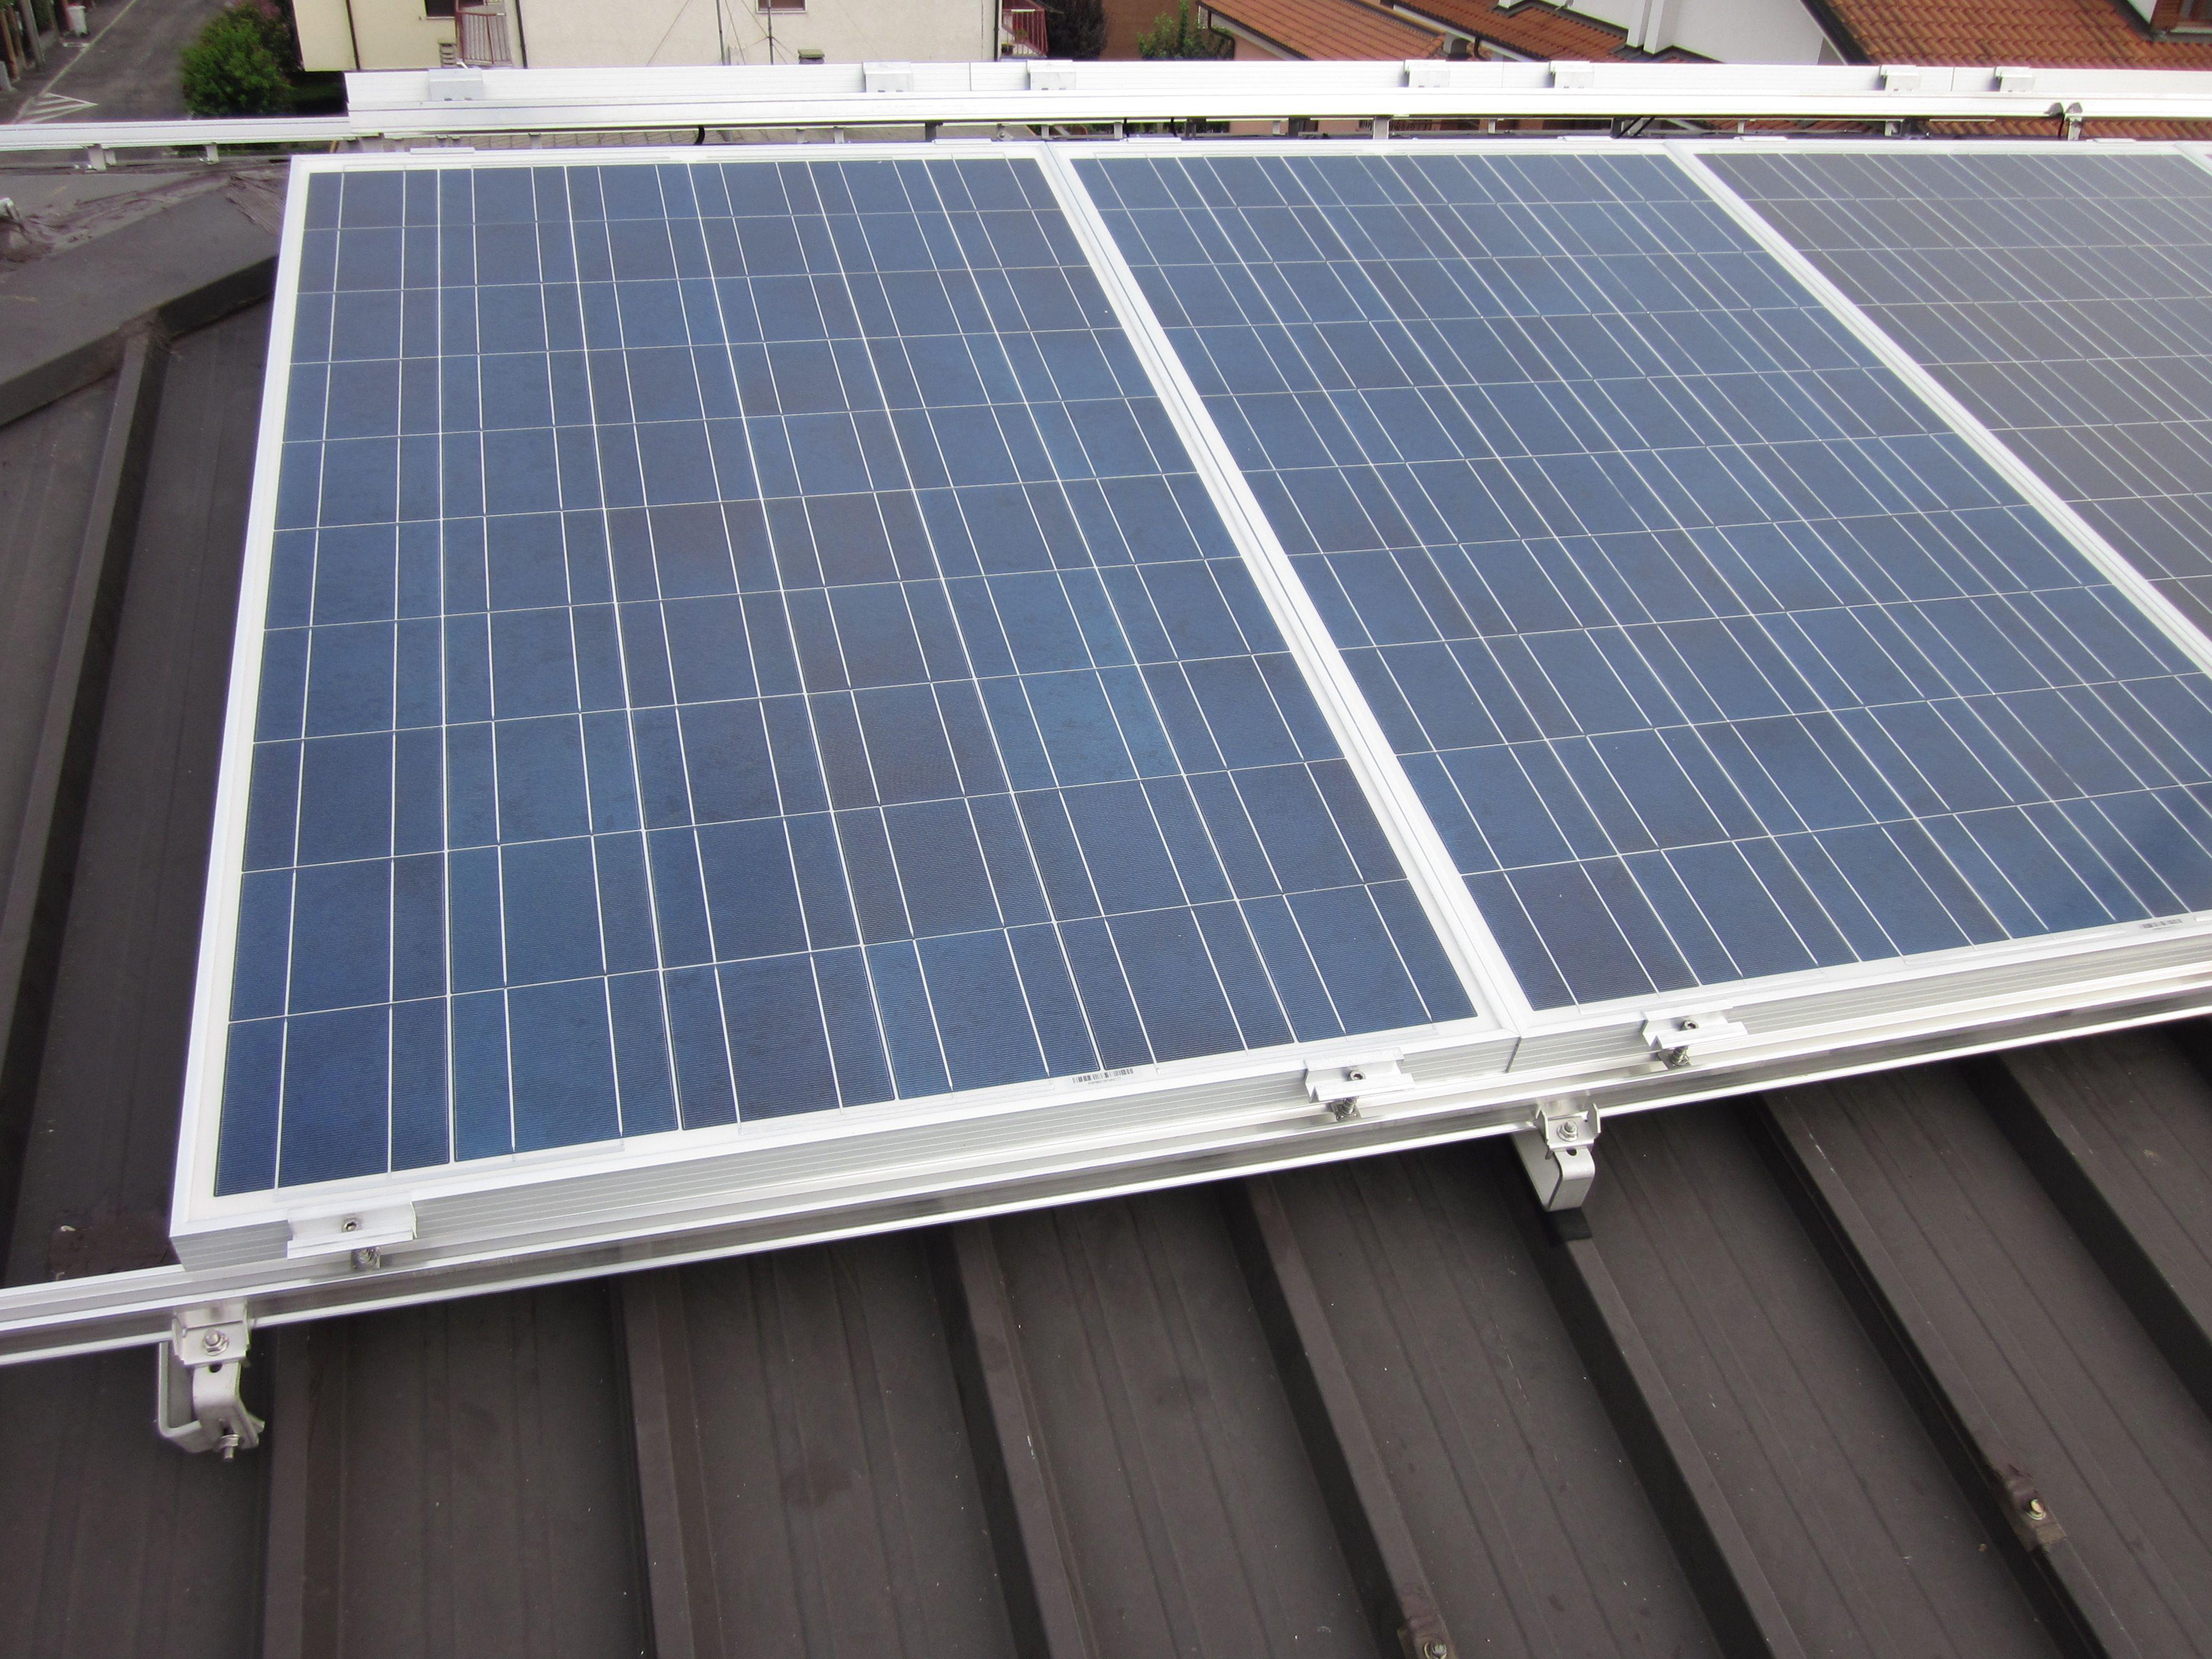 #fotovoltaico #milano #edilizia #ediliziasostenibile #ambiente #eco